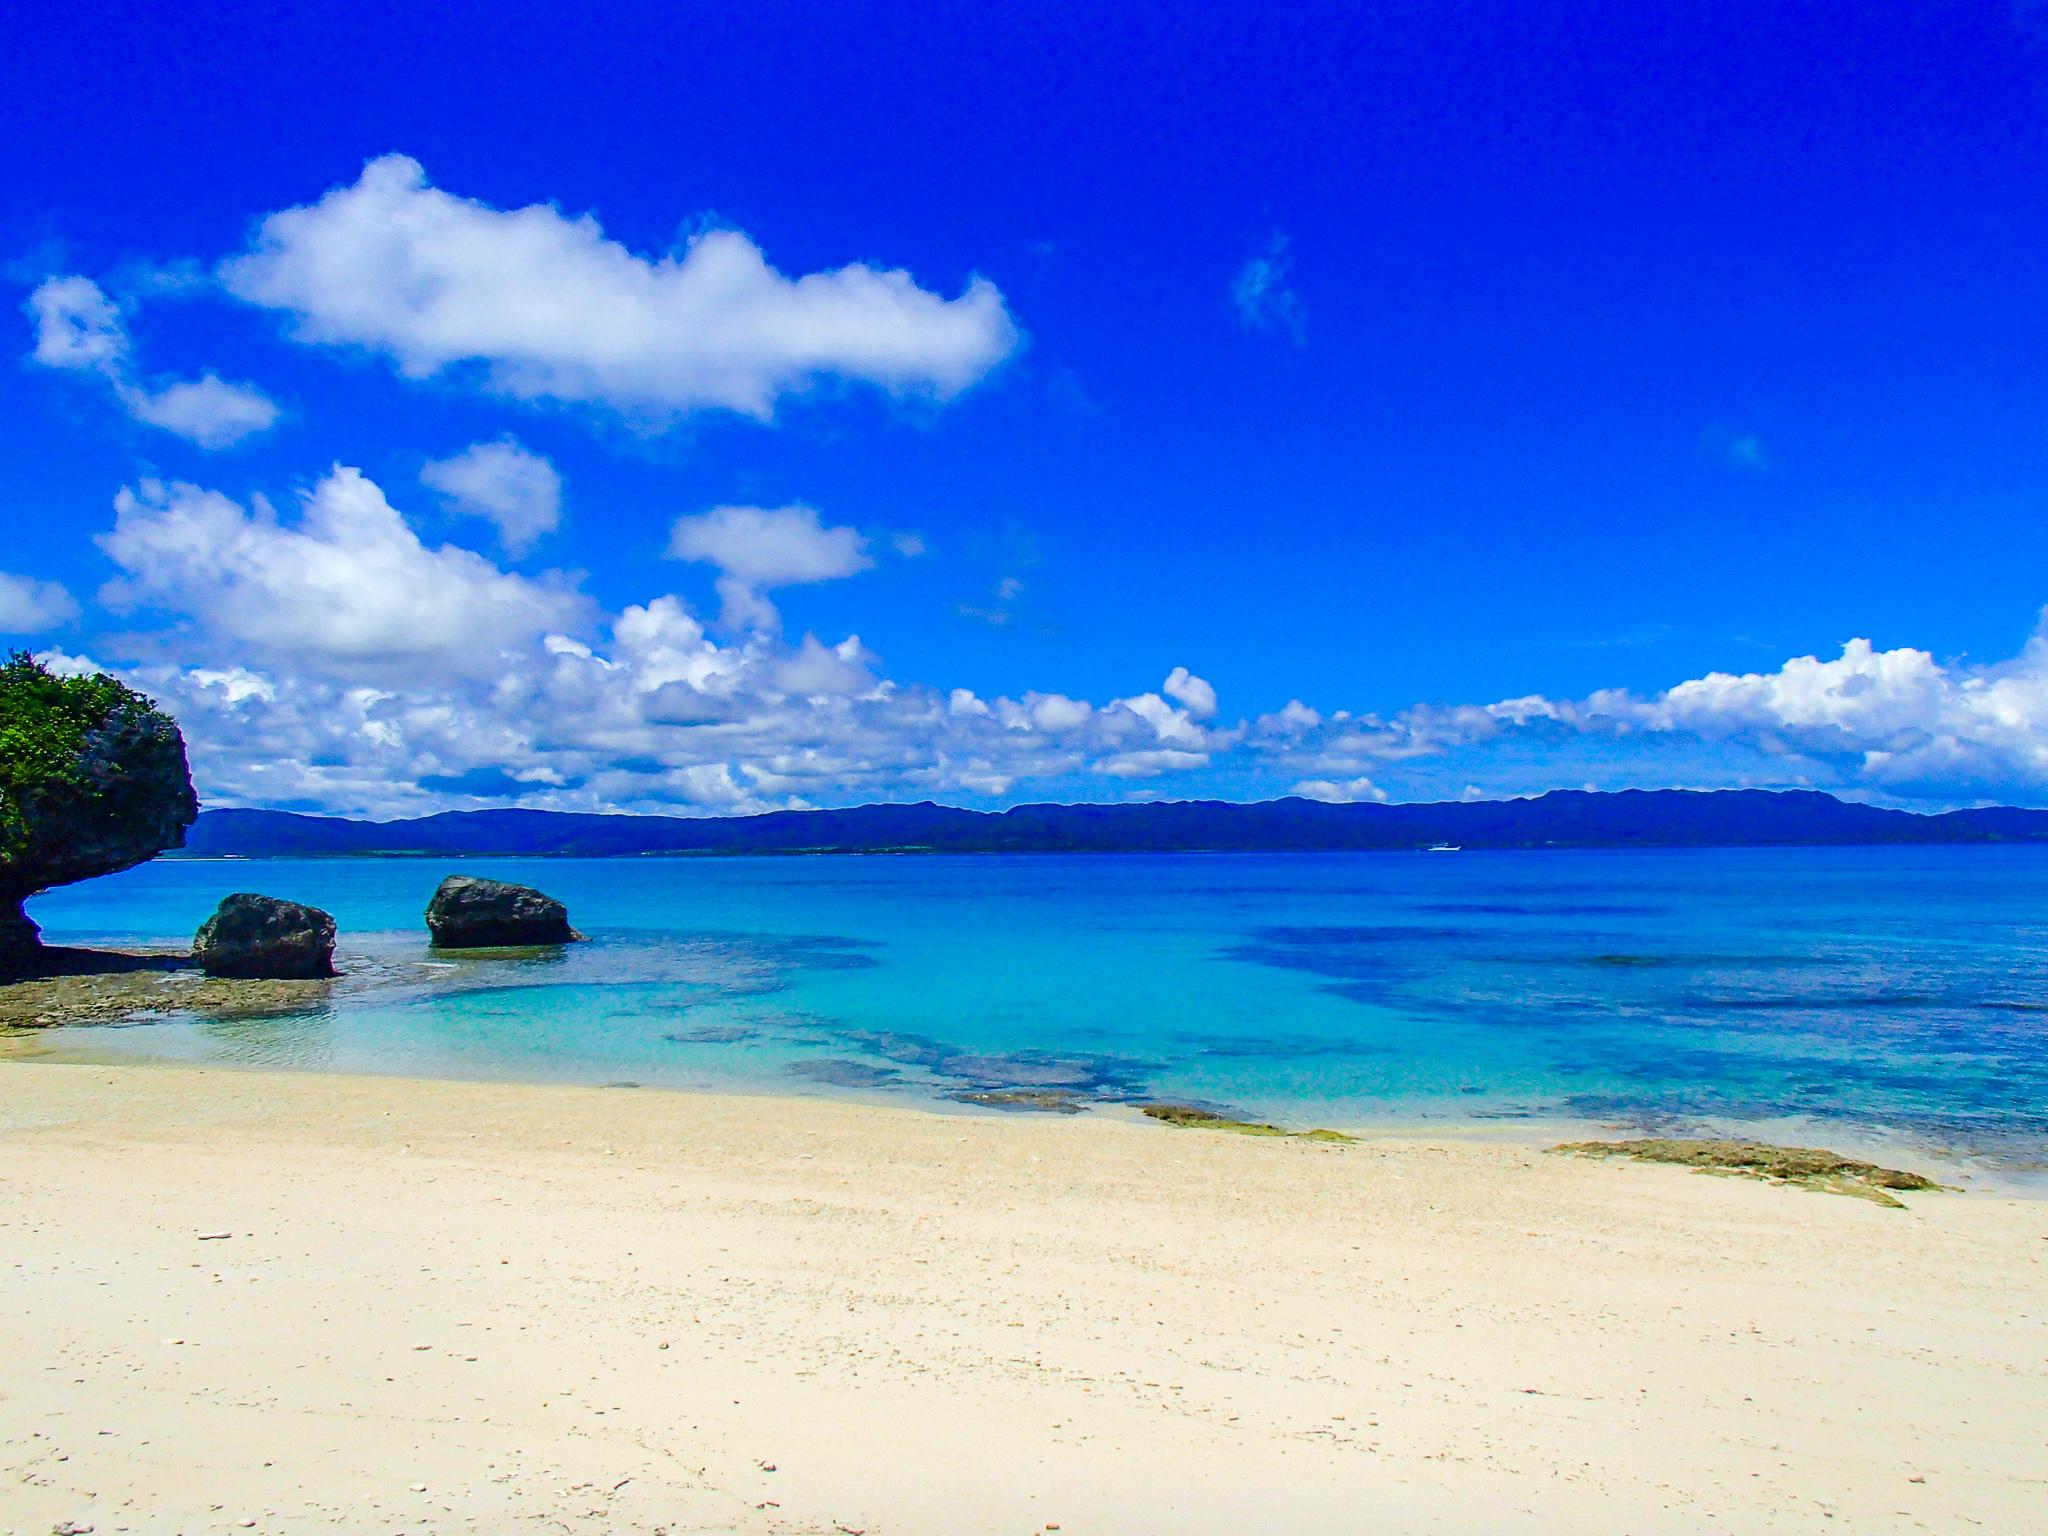 秘境の穴場ポイントであるパナリ島